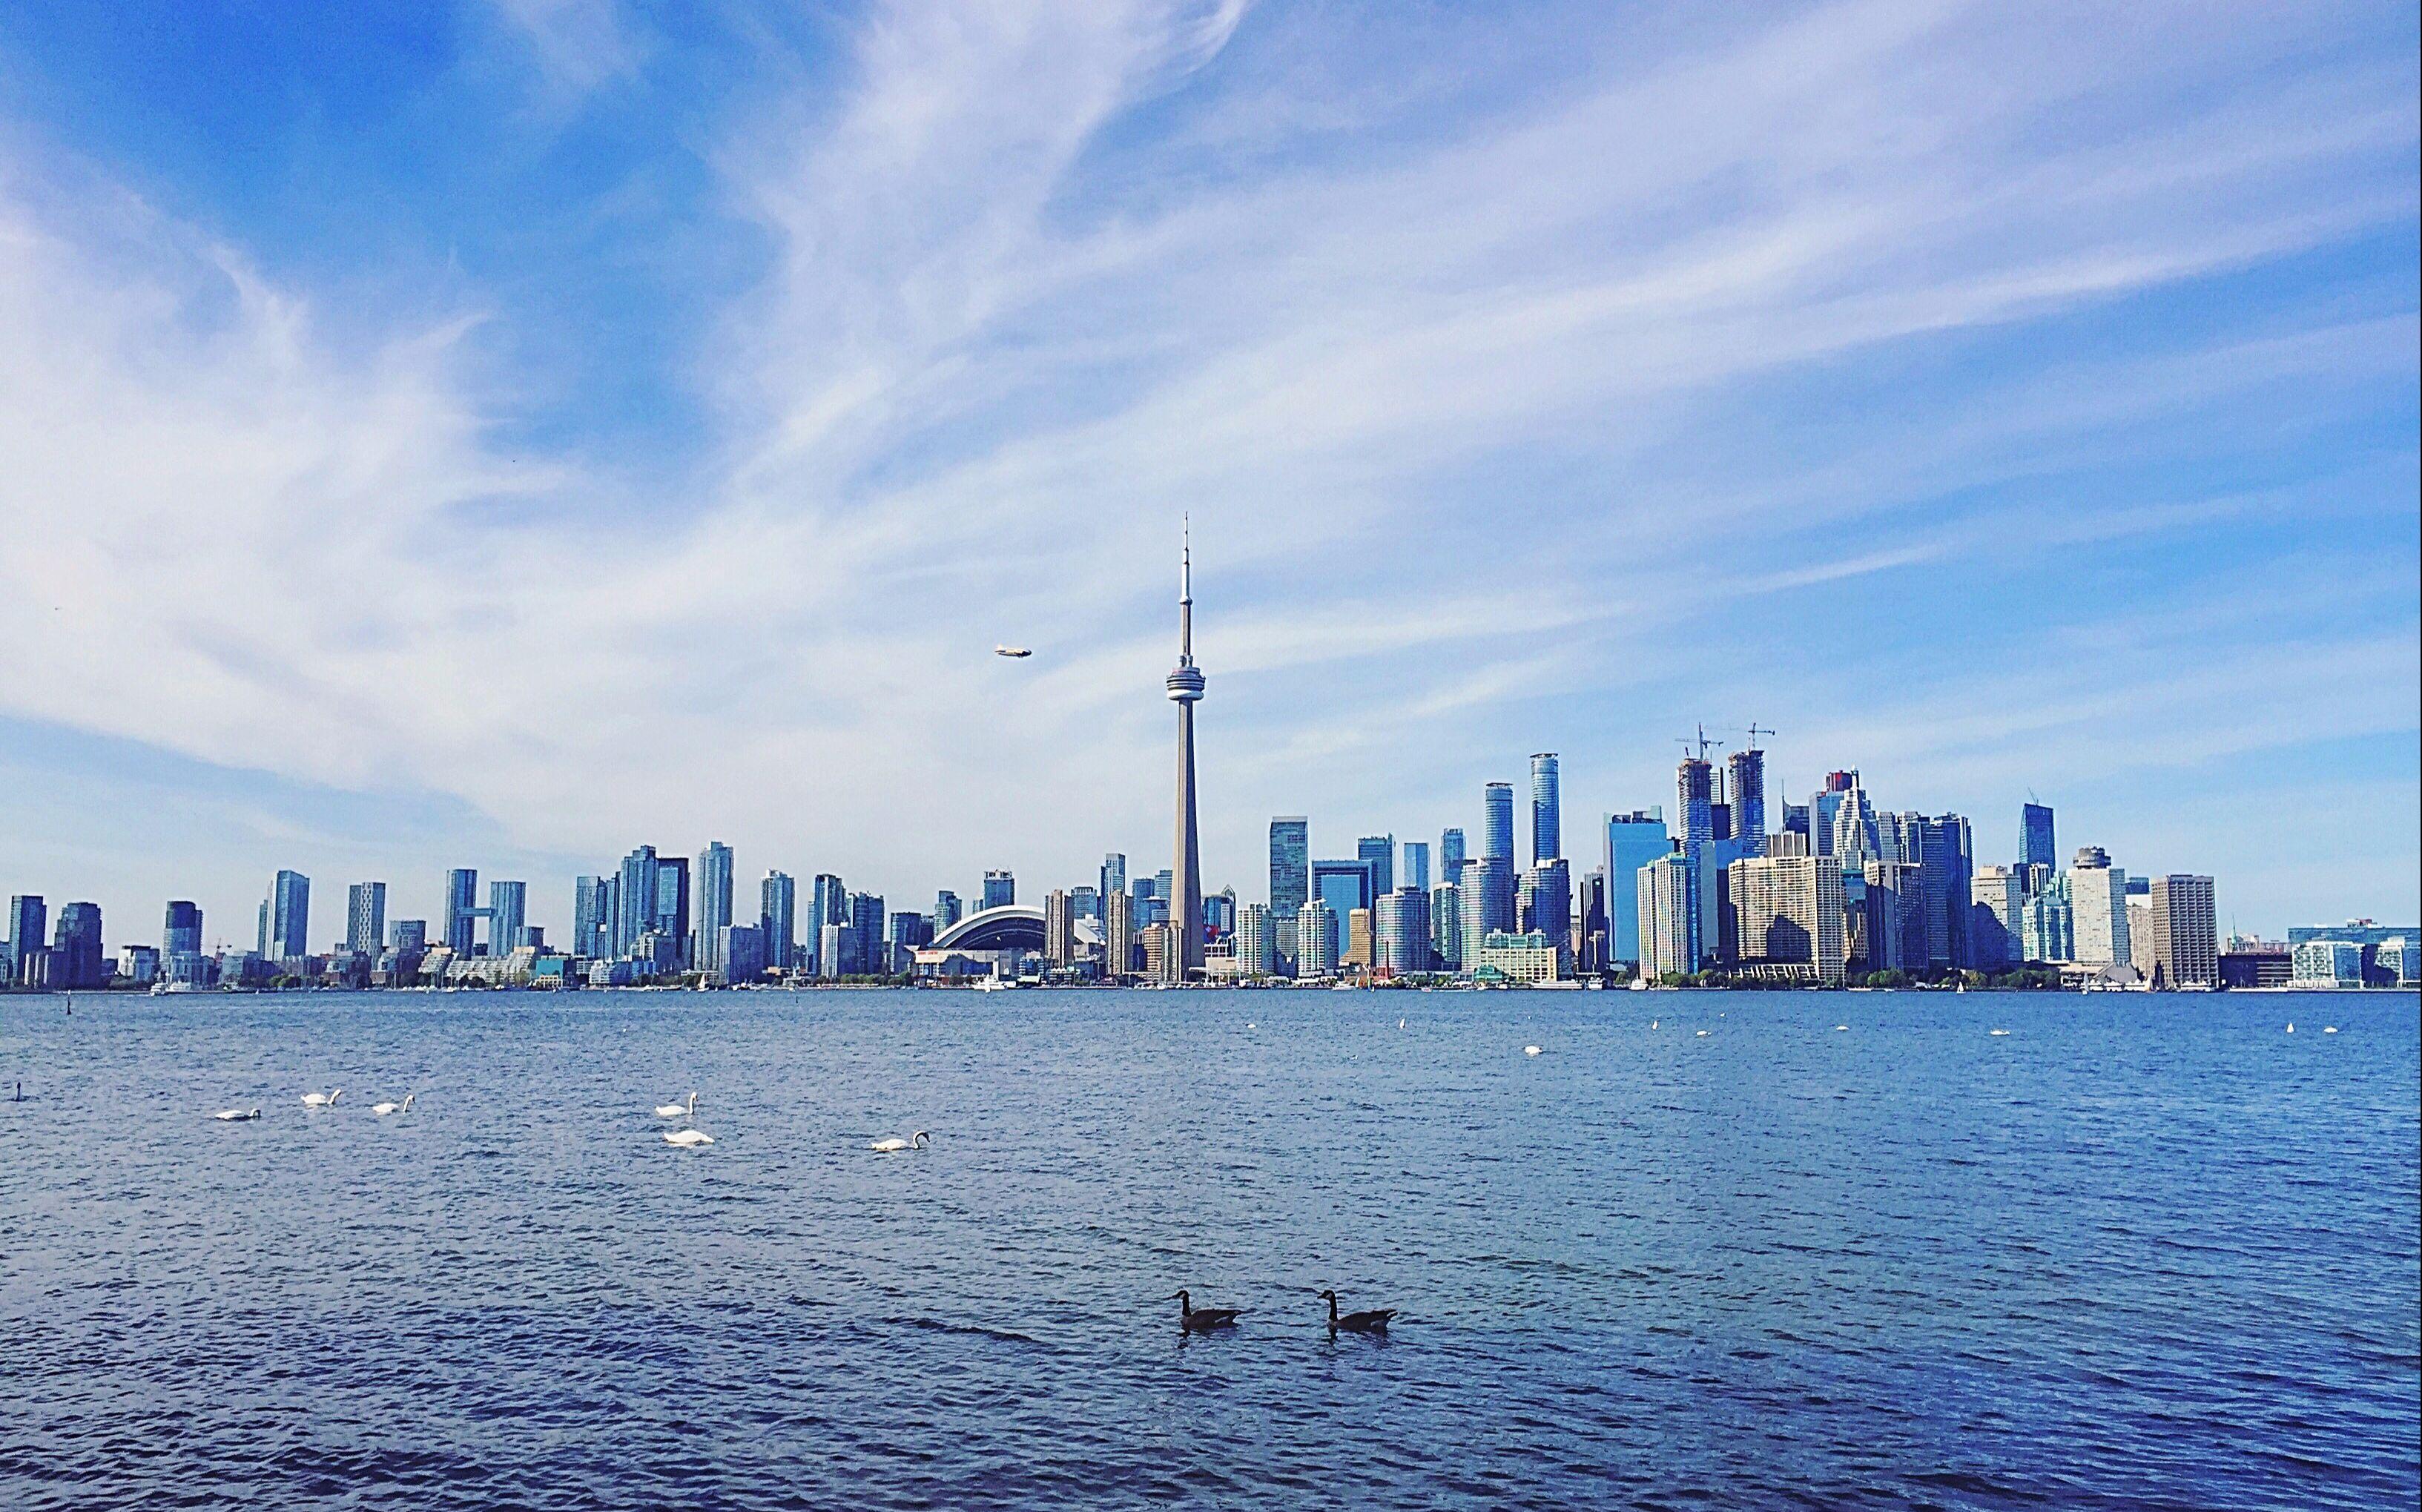 多倫多-多倫多時間現在幾點了/移民加拿大需要什么條件/多倫多附近的大學/多倫多海鮮自助餐廳加盟費/加拿大 ...